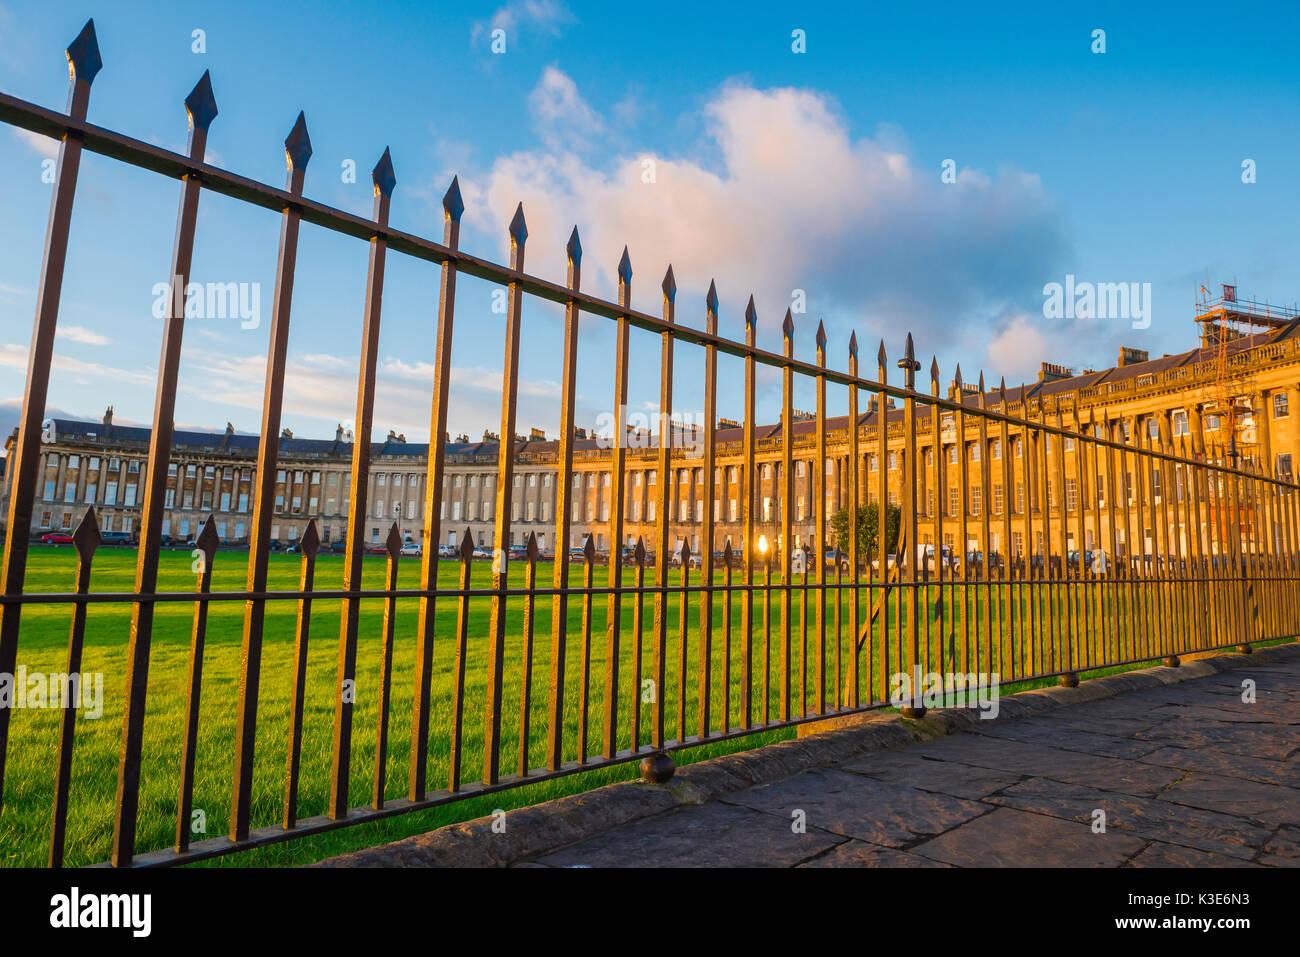 Royal Crescent baignoire, vue par fer forgé du Royal Crescent et son parc dans le centre de Bath, Angleterre, Royaume-Uni. Photo Stock